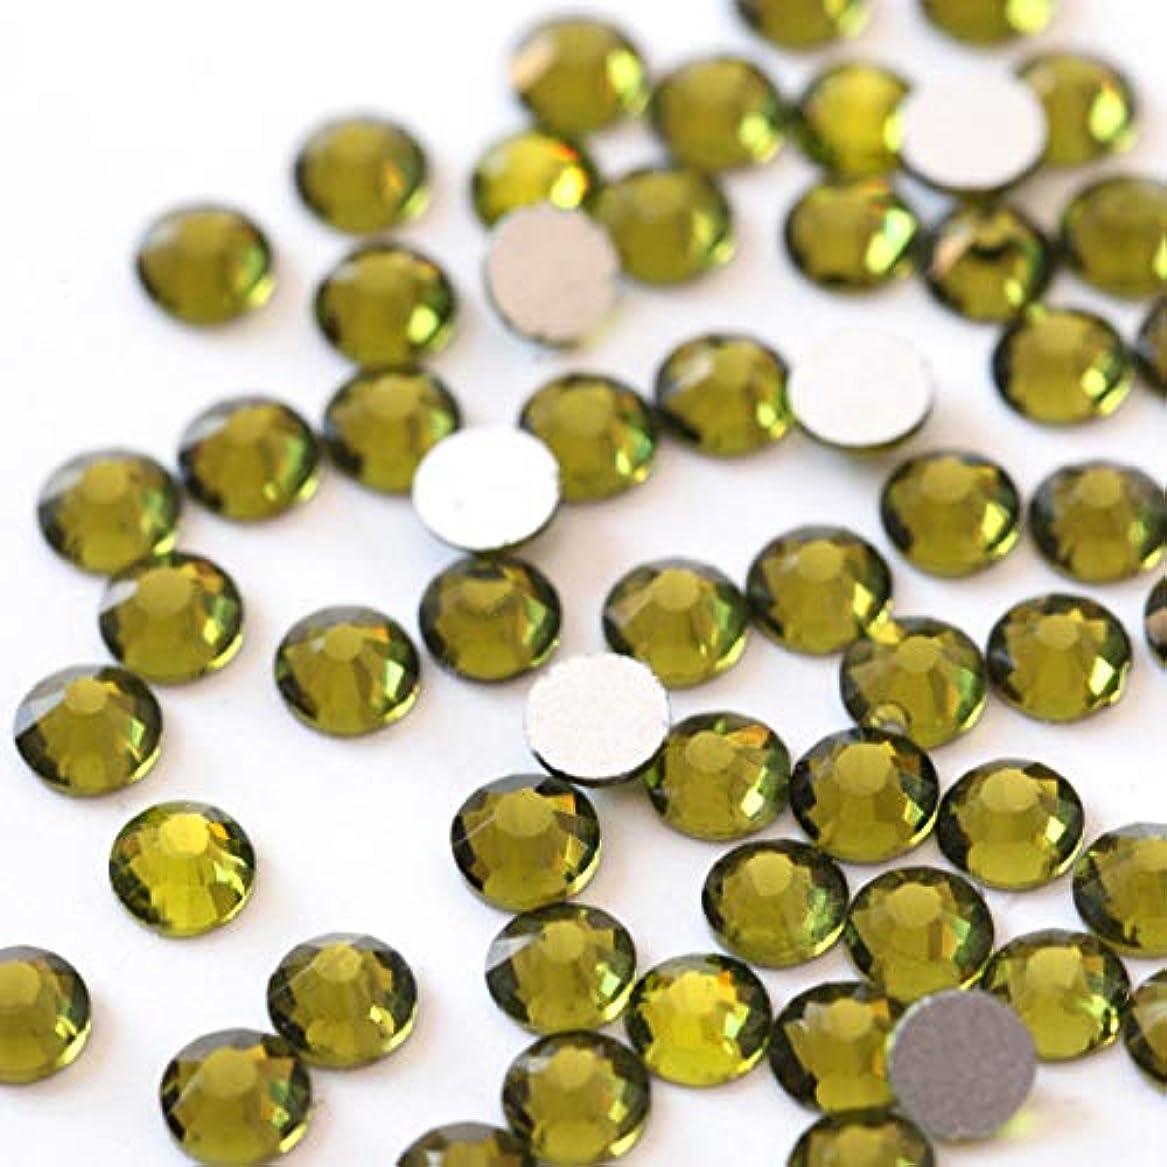 暗黙ウミウシ発生する【ラインストーン77】高品質ガラス製ラインストーン オリーブ(2.2mm (SS8) 約200粒)